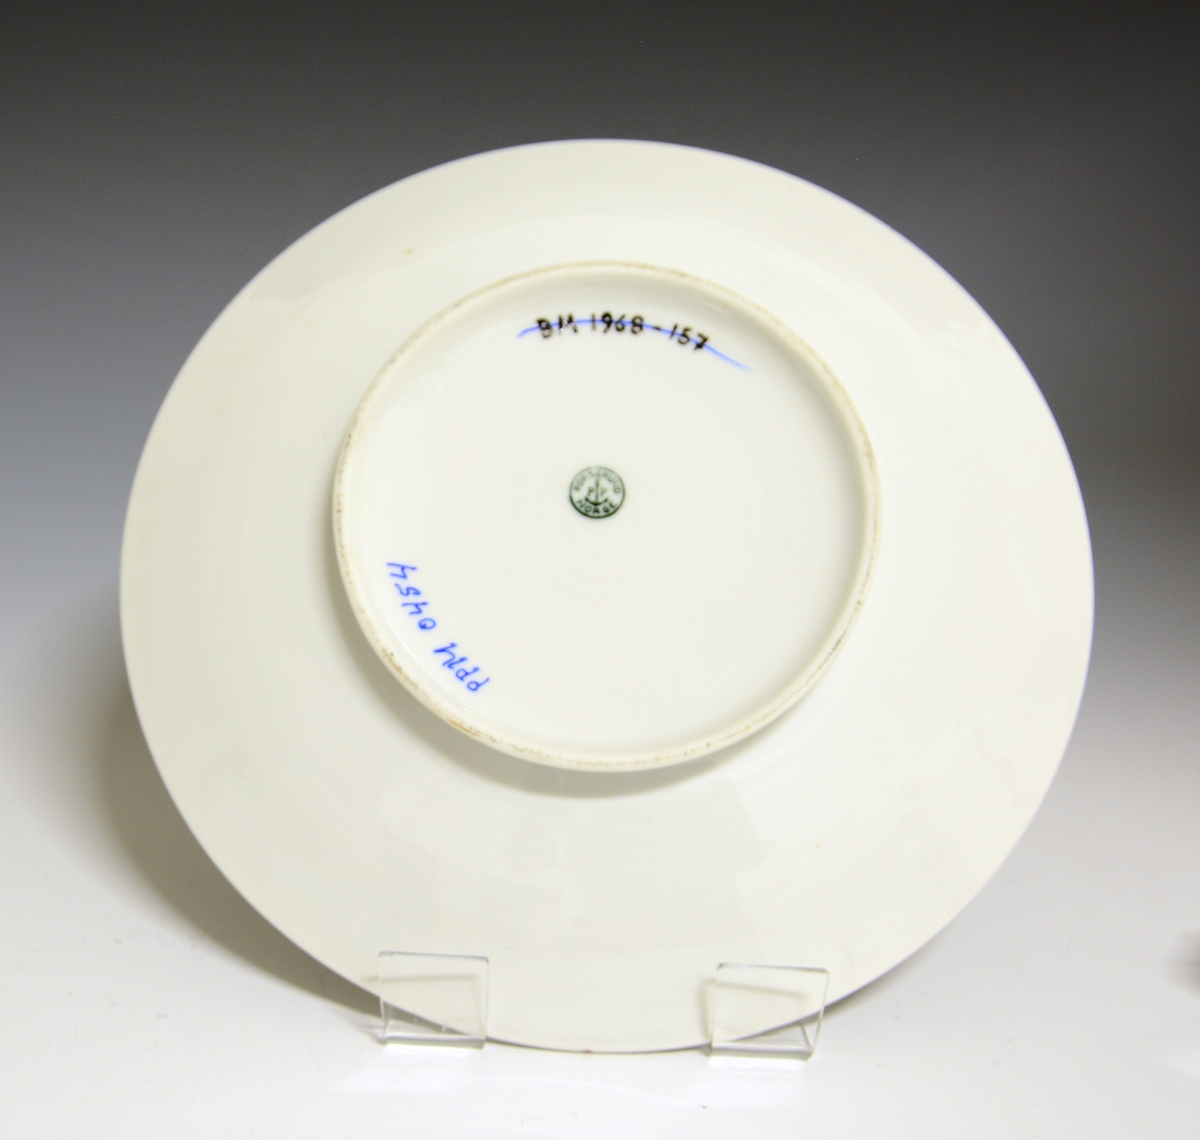 Prot: Tallerken eller lite fat av porselen, med glatt kant. Lav skråstillet fotring og sirkulære riller på speilen og indre del av fanen.